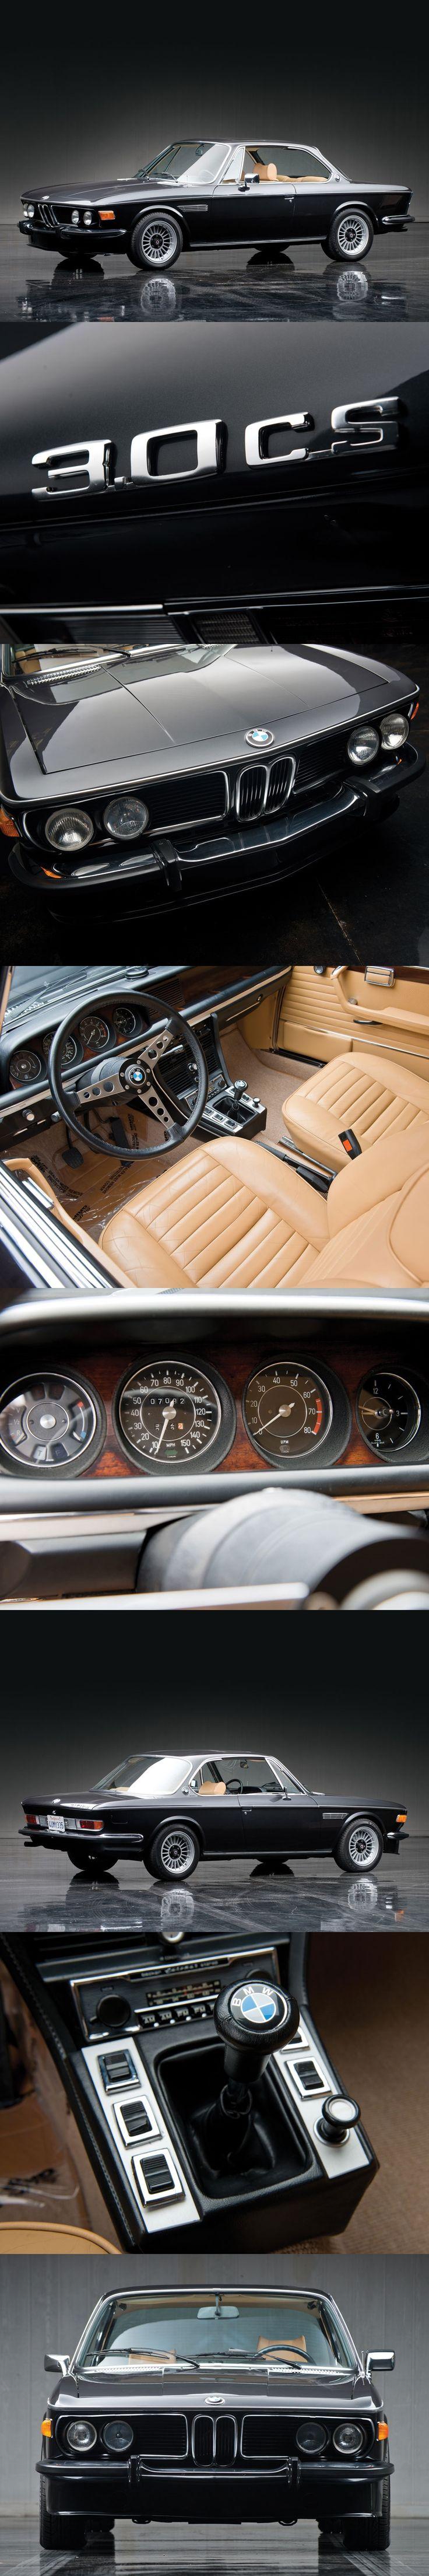 #BMW 3.0 CS #QuirkyRides #ClassicCar